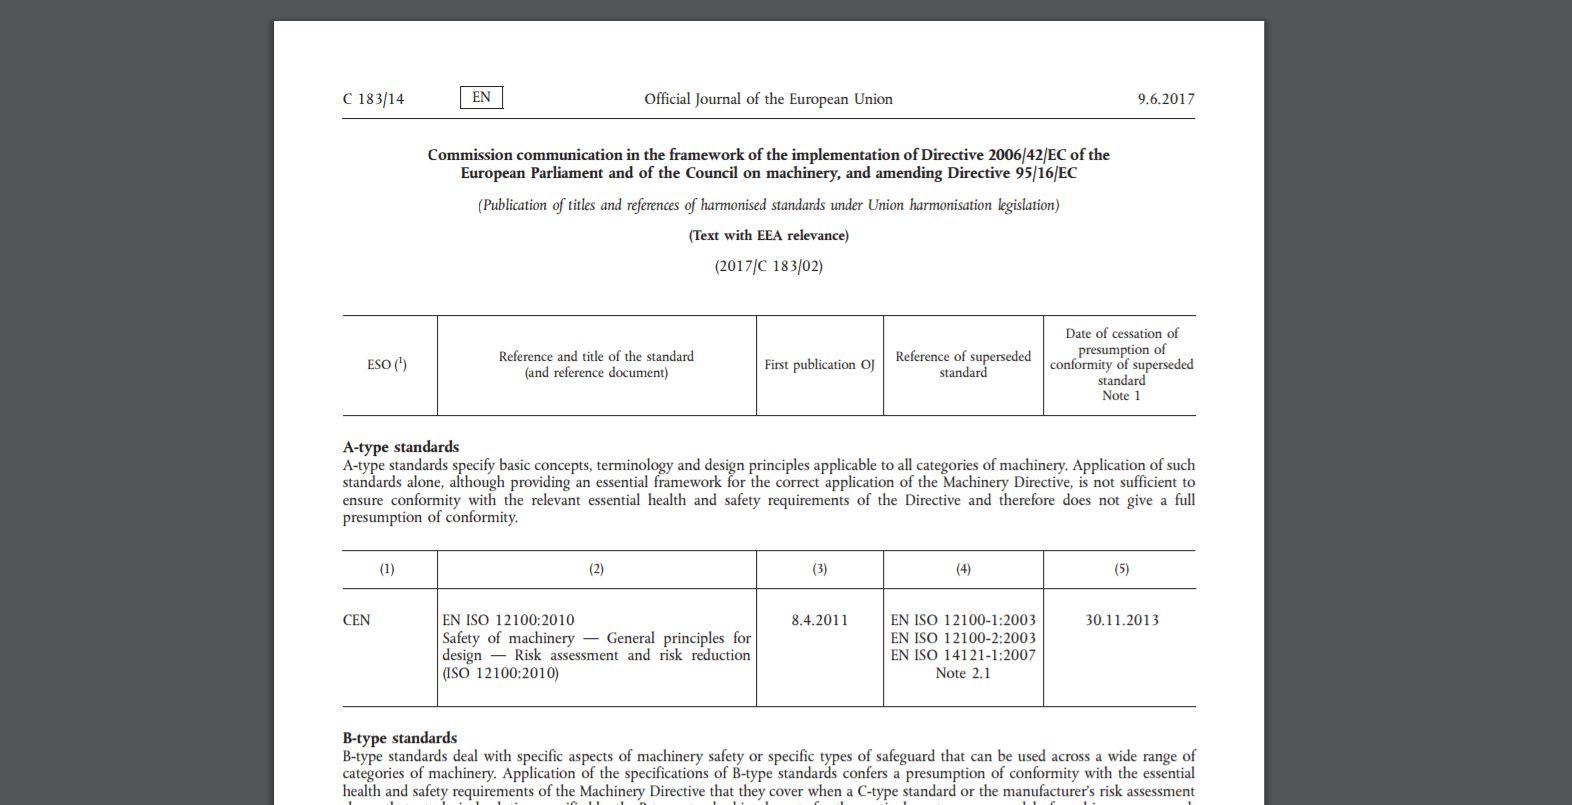 Nowy wykaz norm zharmonizowanych dla dyrektywy maszynowej 2006/42/WE